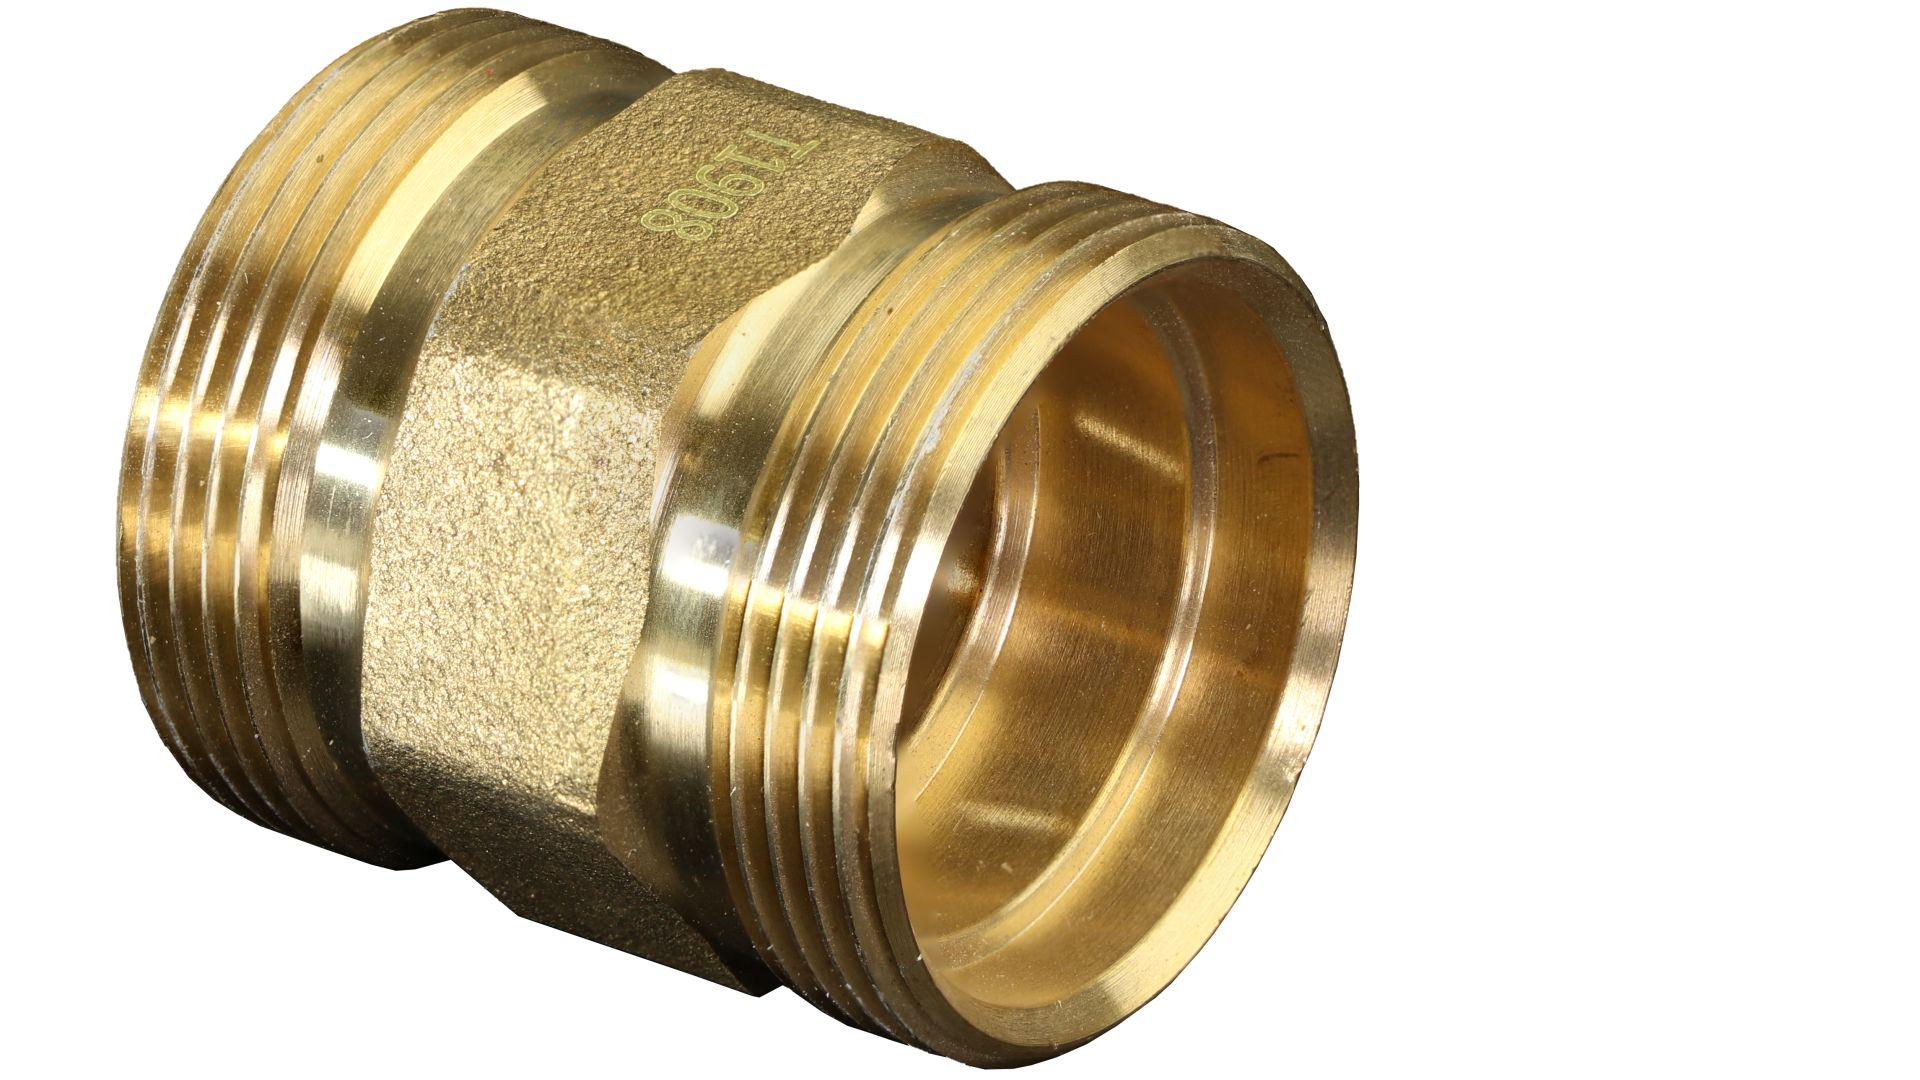 Marley DreMa (TW) Kupplung (Nr. 30), 2 x Anschluss Adapter 1 Zoll Außengewinde, flachdichtend